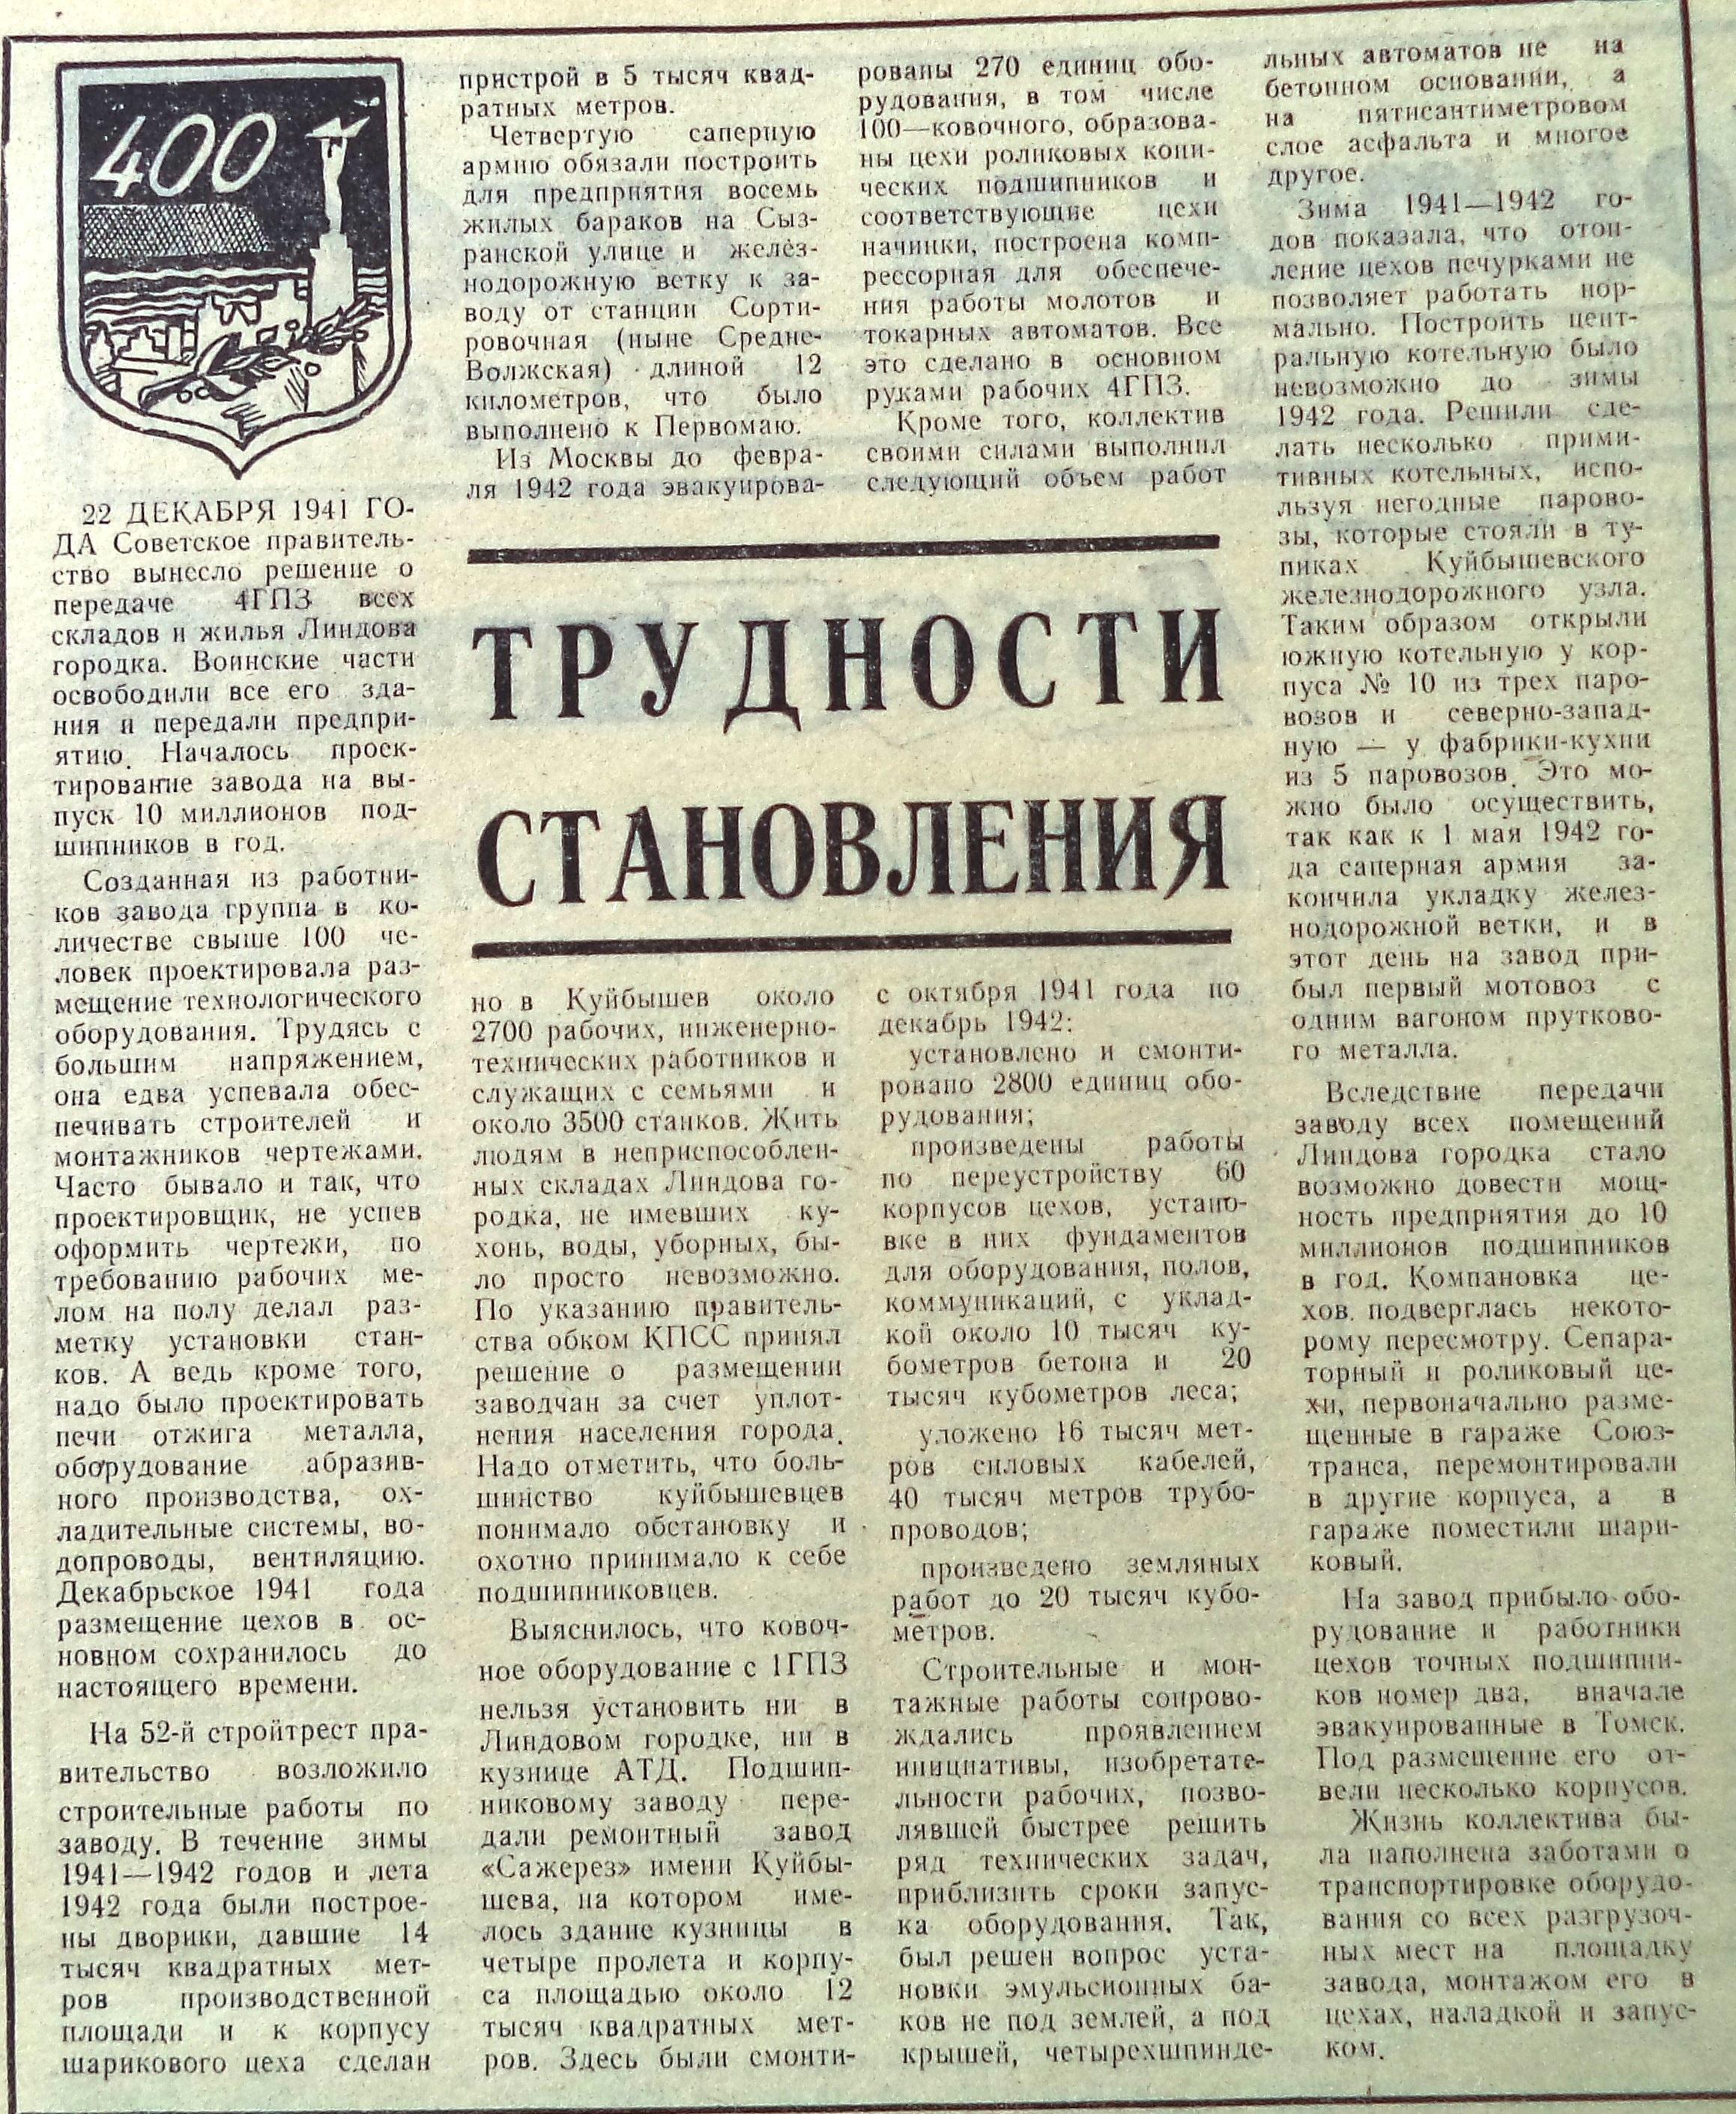 Московское-ФОТО-10-Красное Знамя-1984-24 декабря